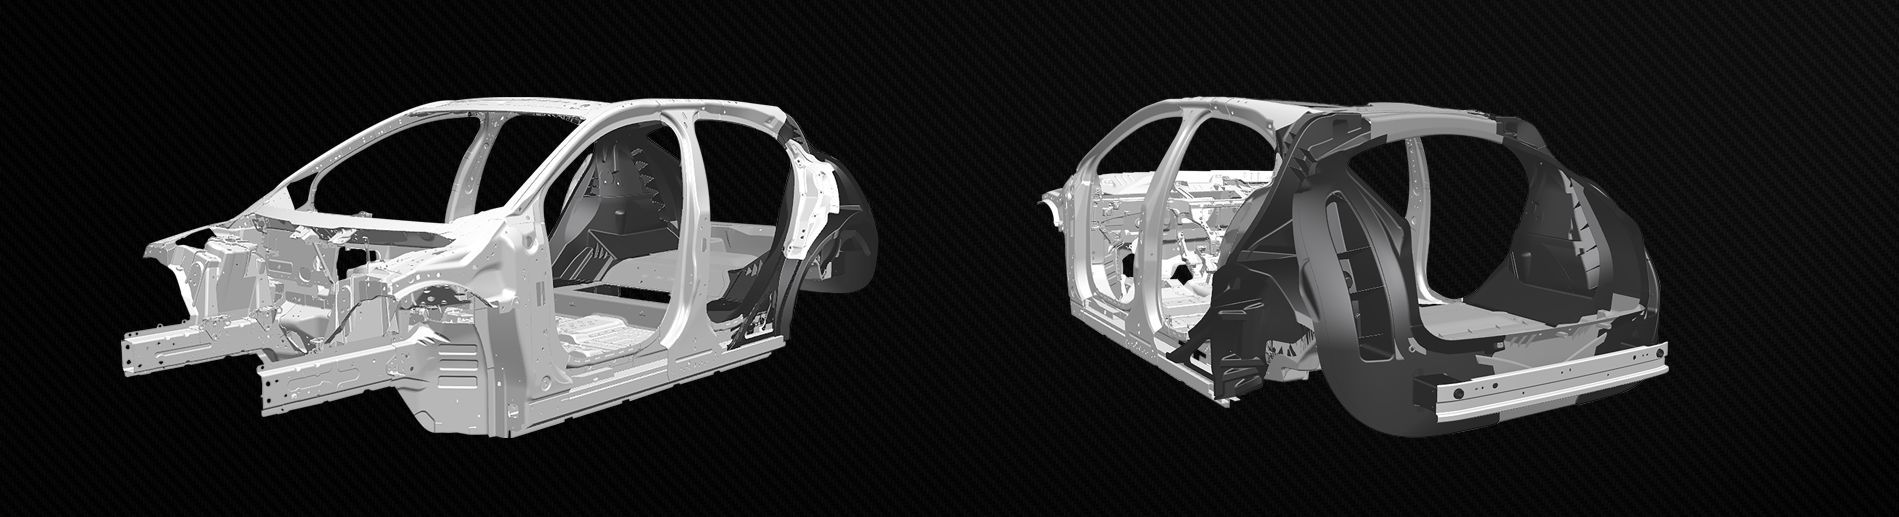 Jaguar Land Rover Proyecto Tucana 05